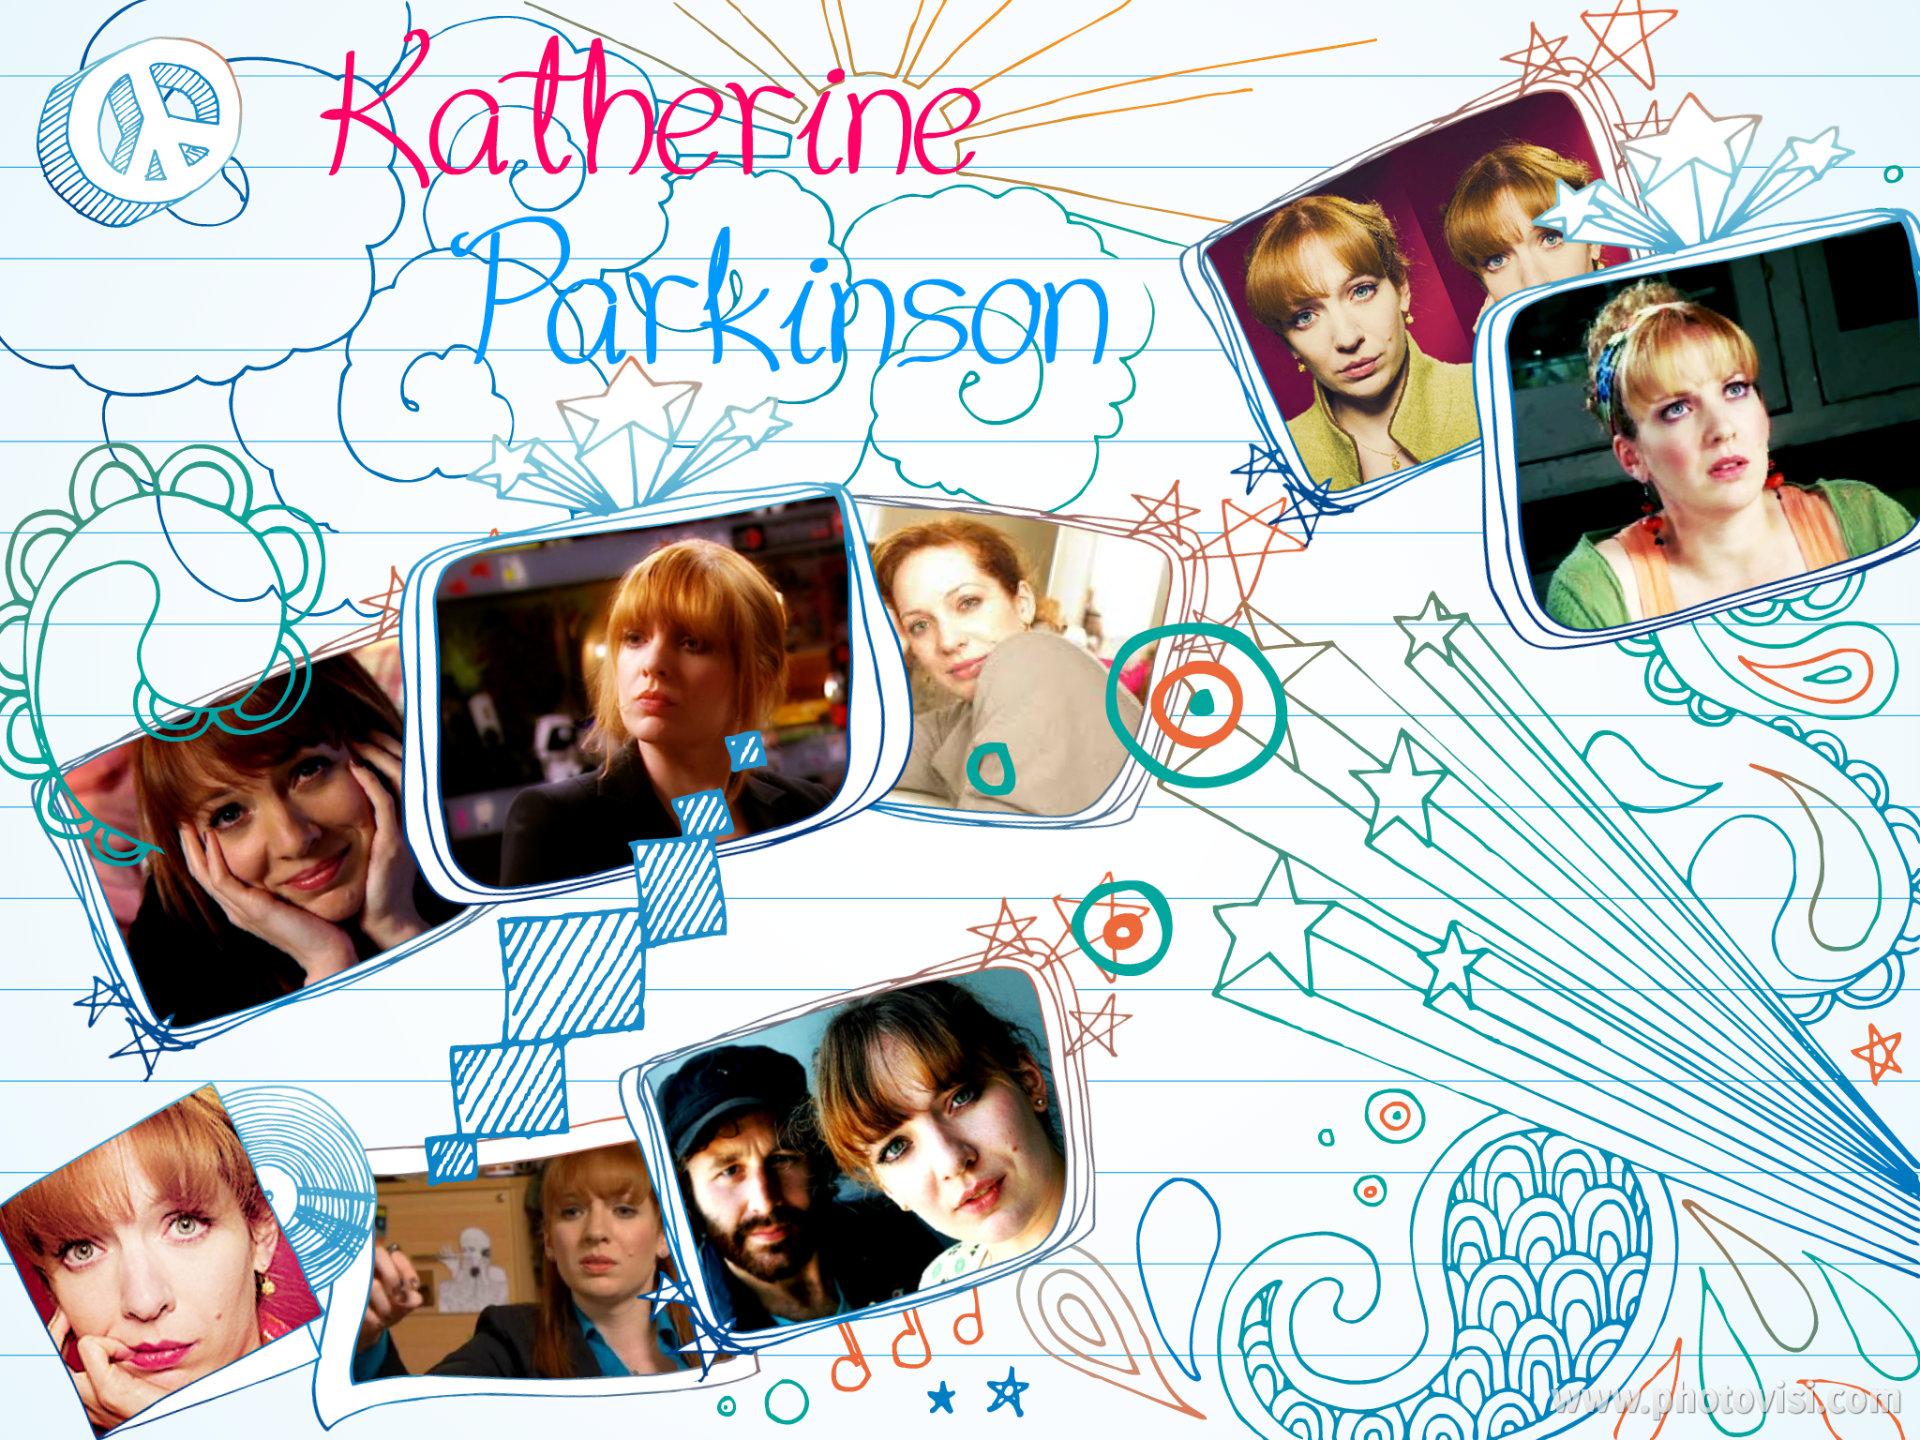 キャサリン・パーキンソン